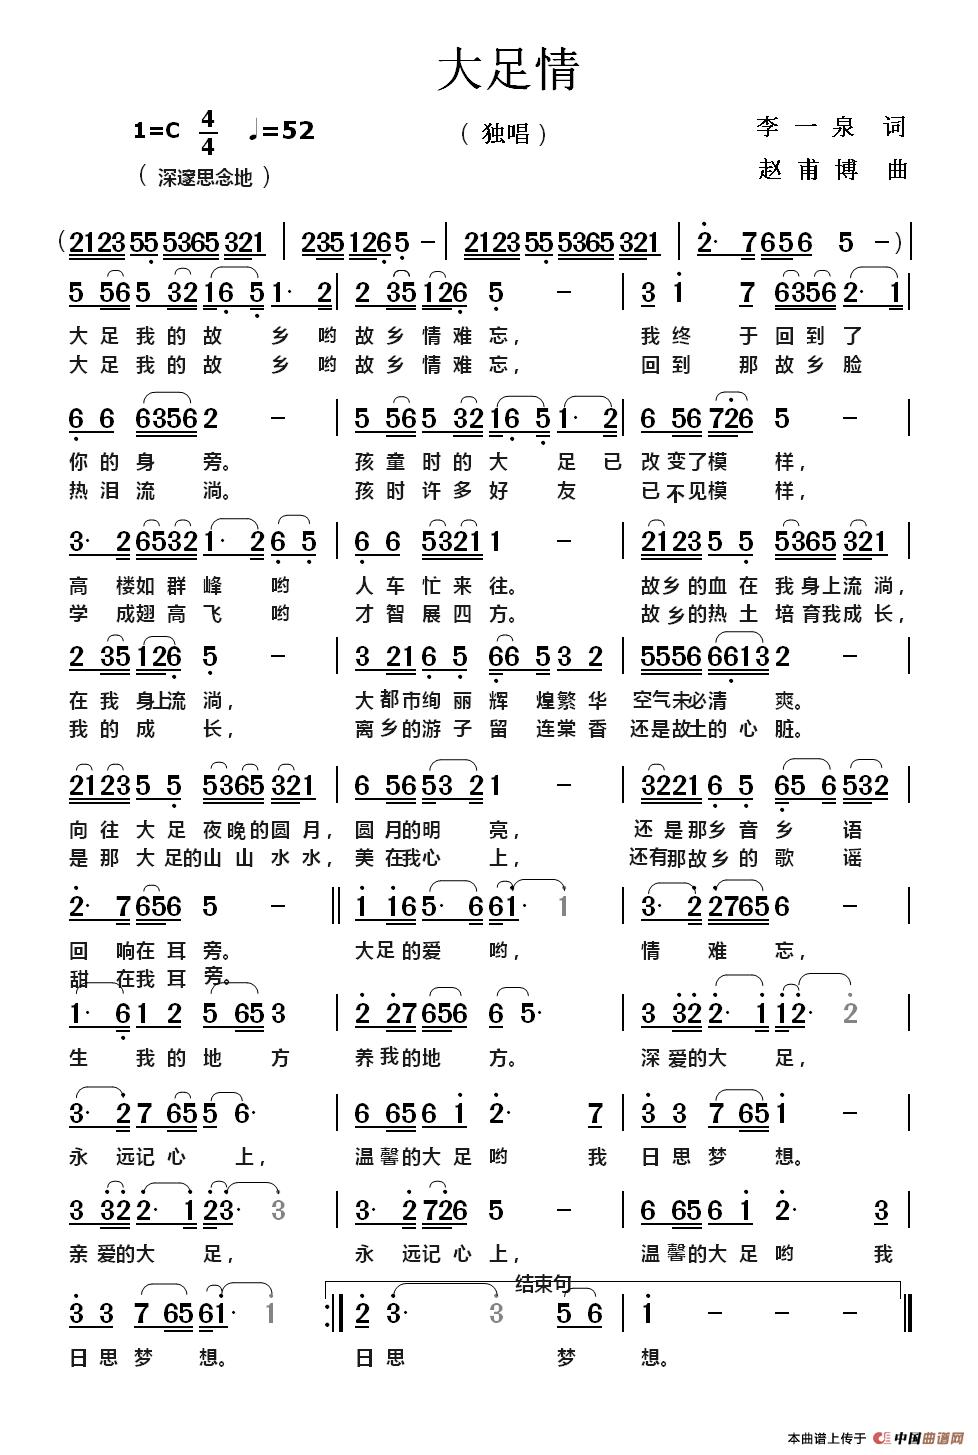 嘻哈庄脚情曲谱